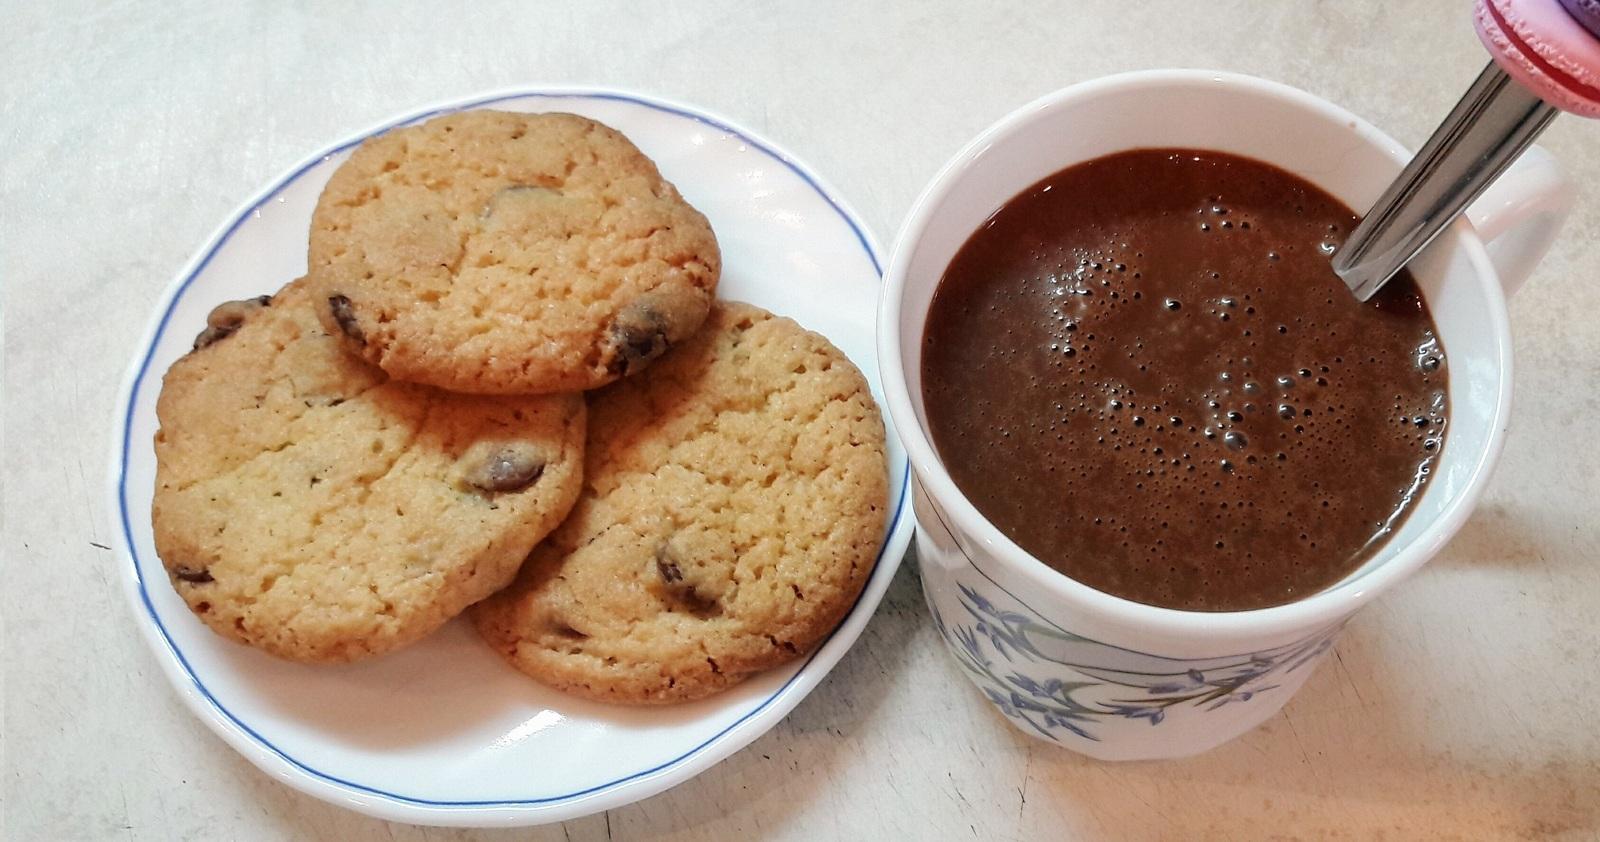 Диетические вкусняшки без сахара, рецепты с фото